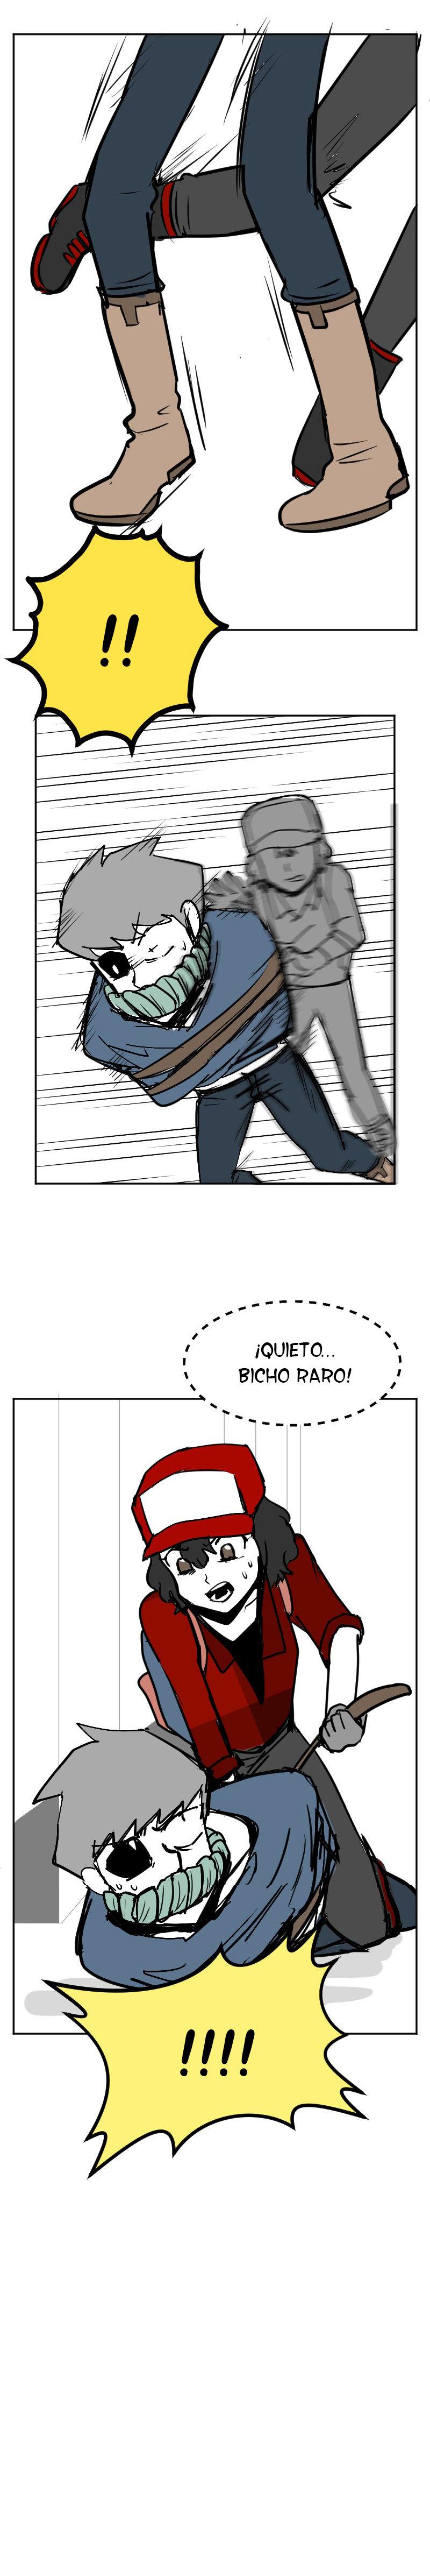 https://c9.mangatag.com/es_manga/pic5/59/24315/730079/b69ac29d2300c14063391edd38df9910.jpg Page 7